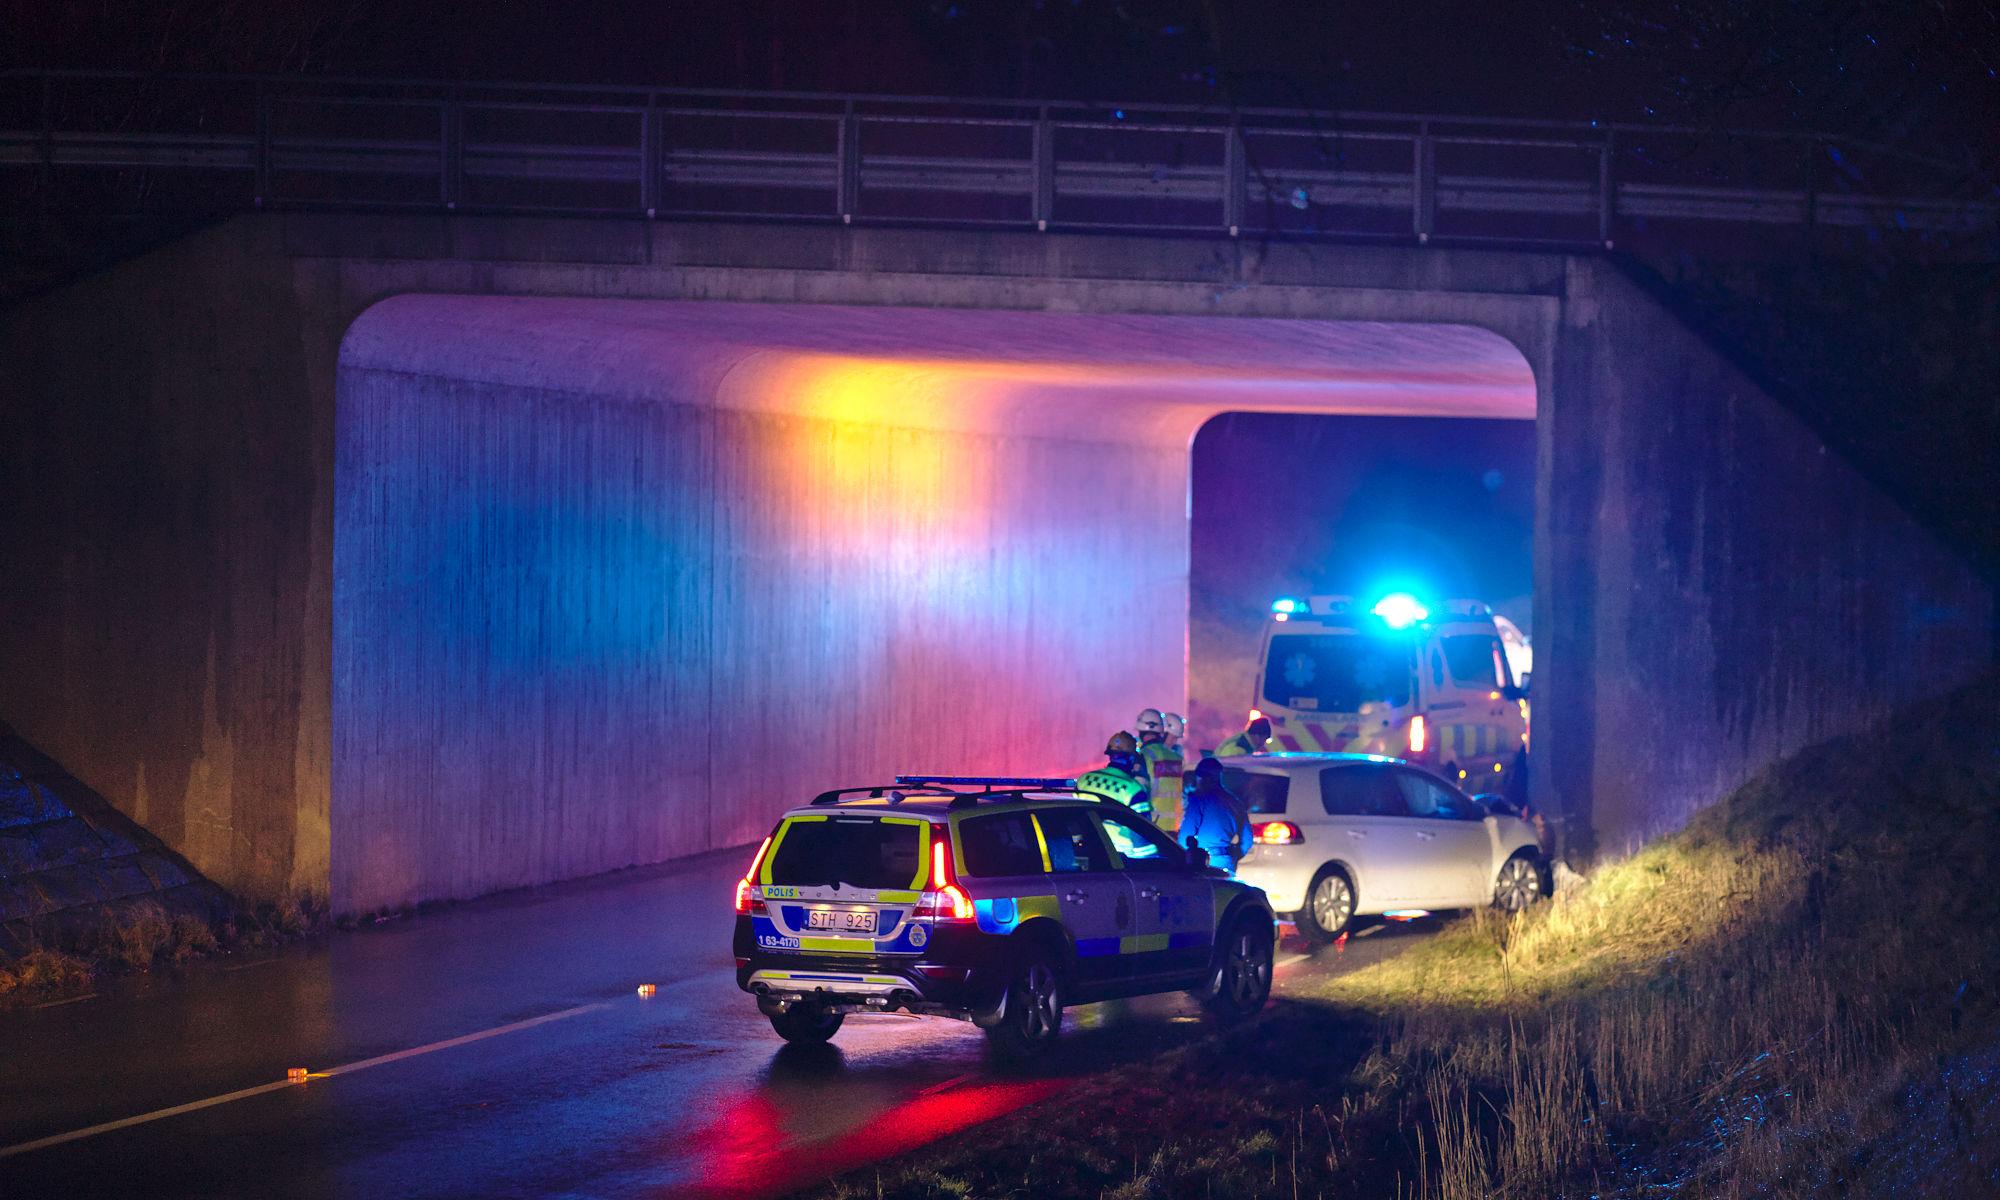 Vit personbil har kört in i bro och polis och ambulans är på plats